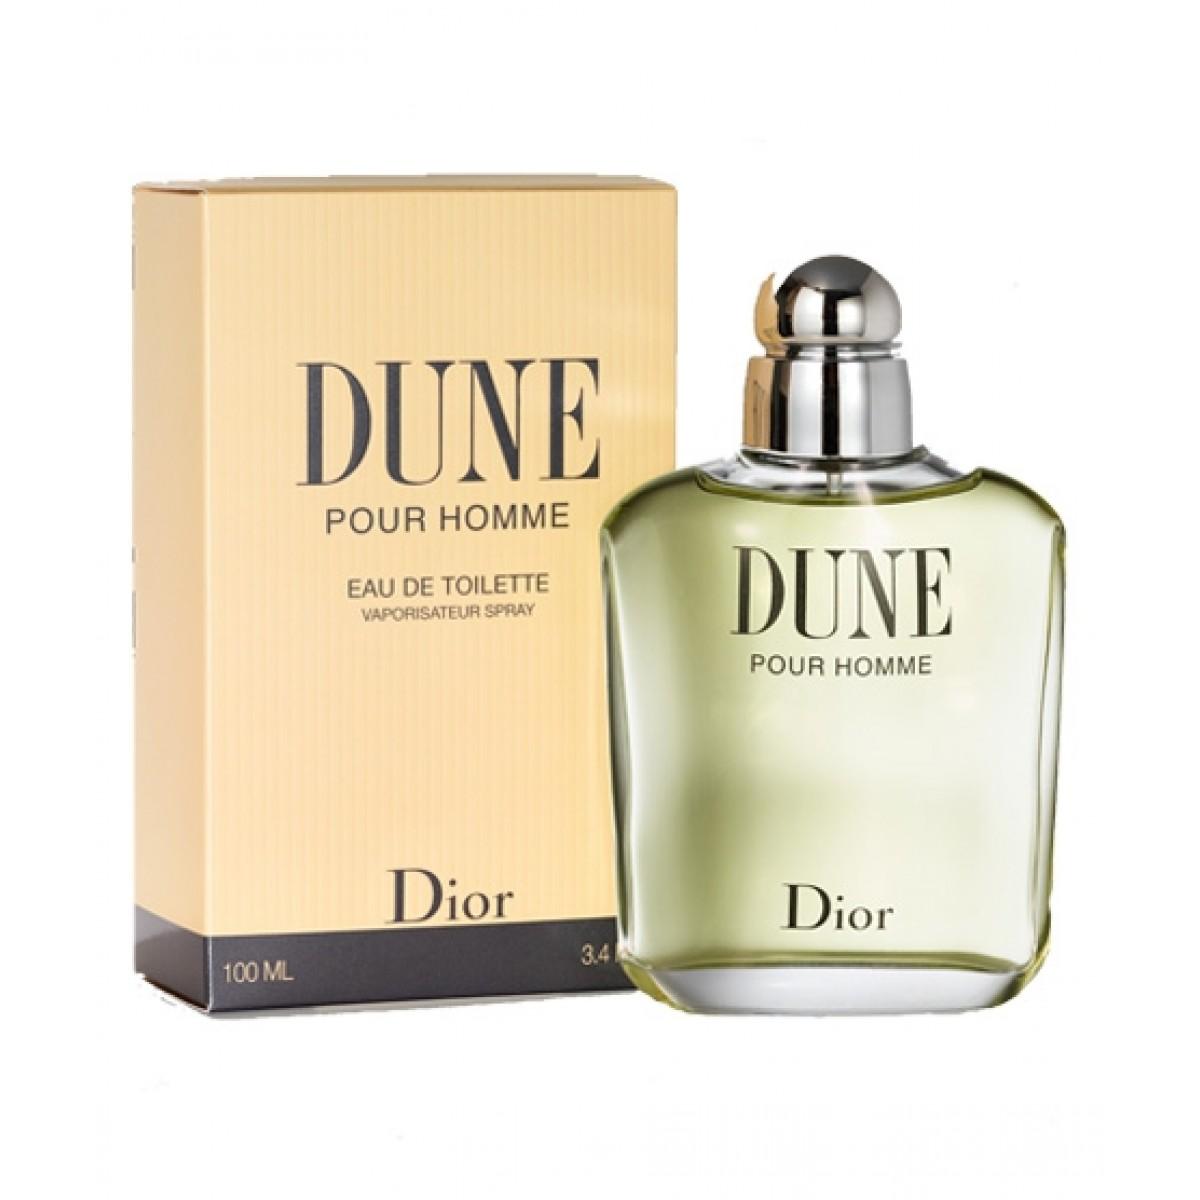 Christian Dior Dune Pour Homme Eau De Toilette For Men 100ml